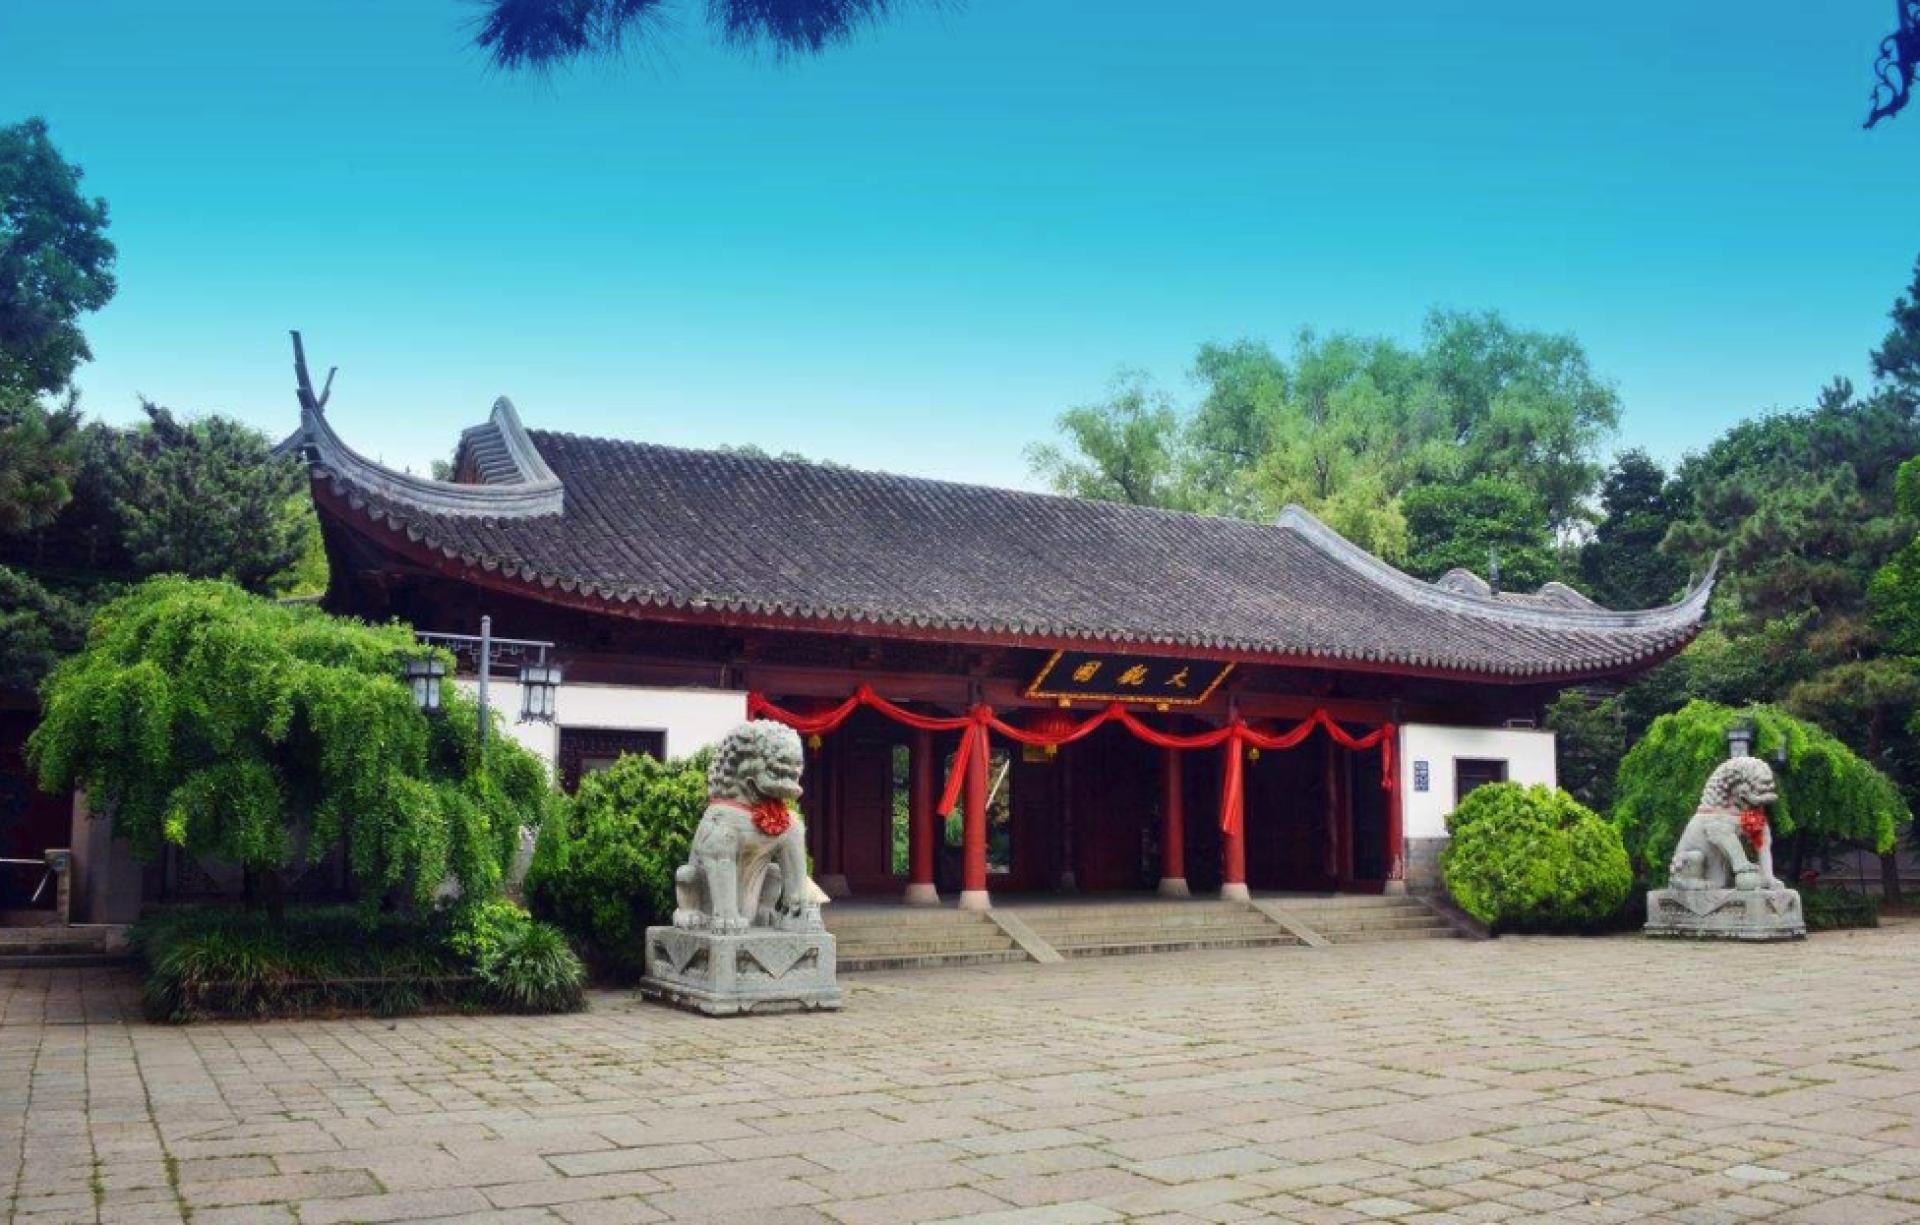 【紅樓夢主題公園】上海大觀園門票